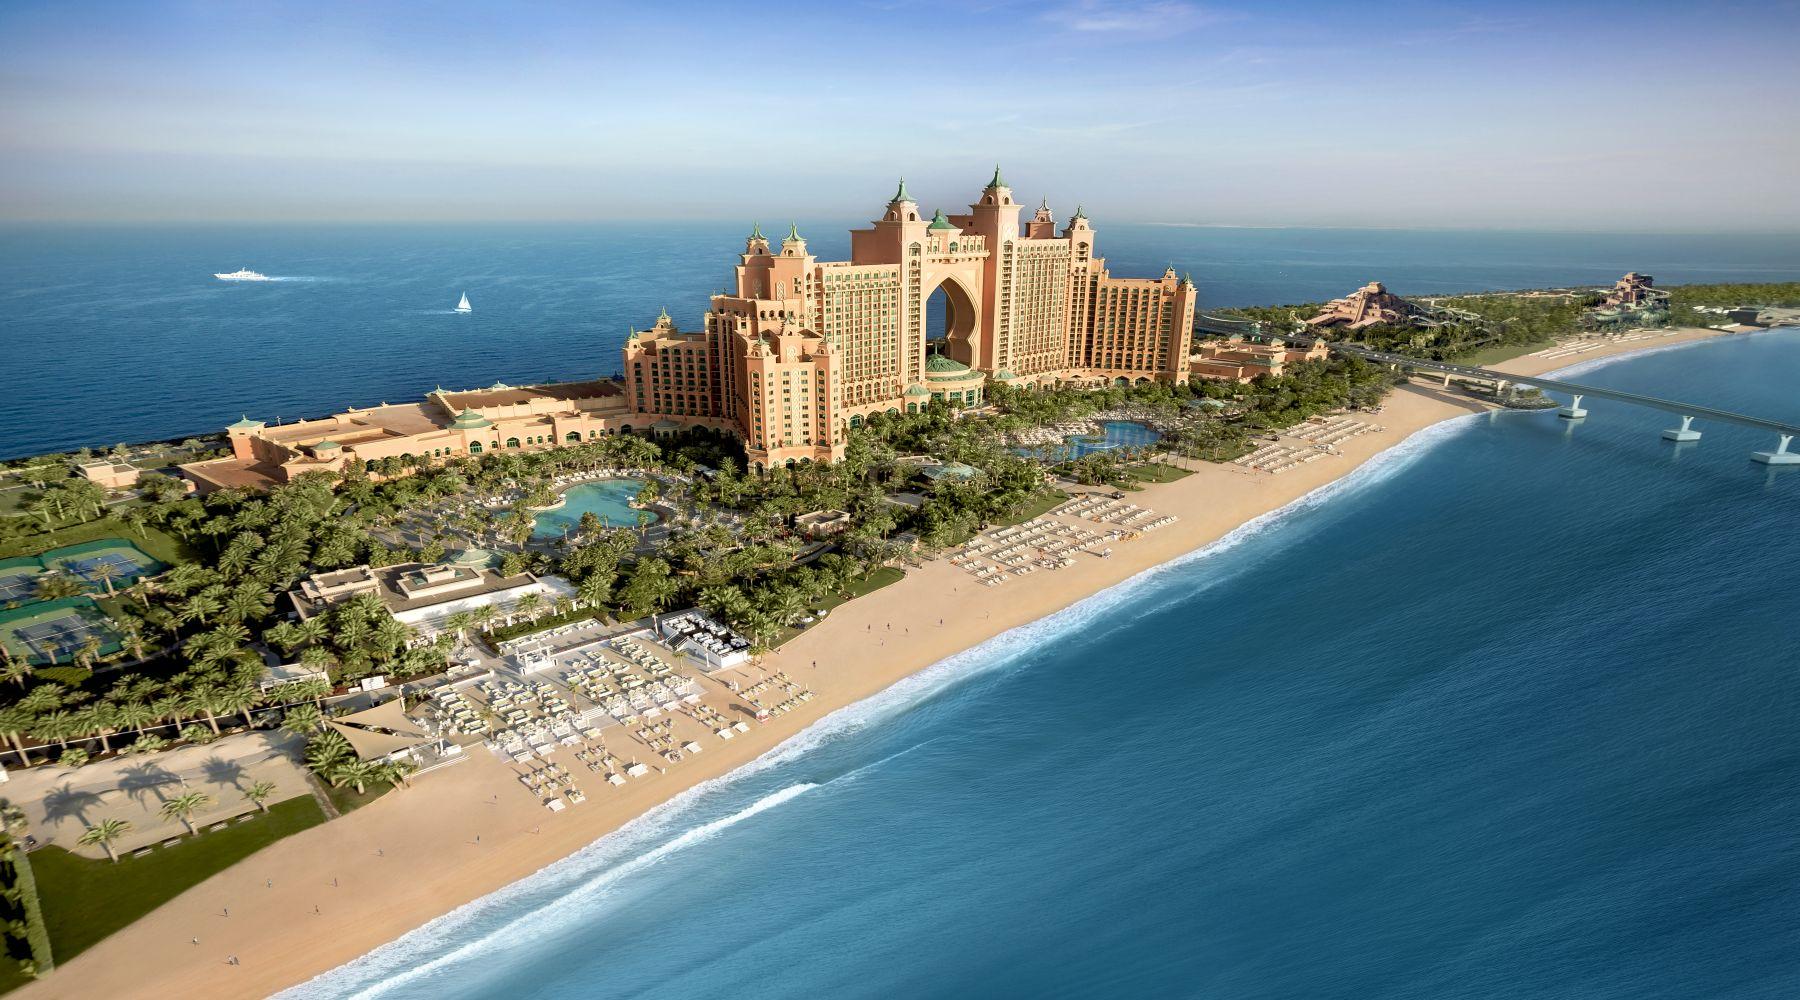 Atlantis The Palm, Dubaj